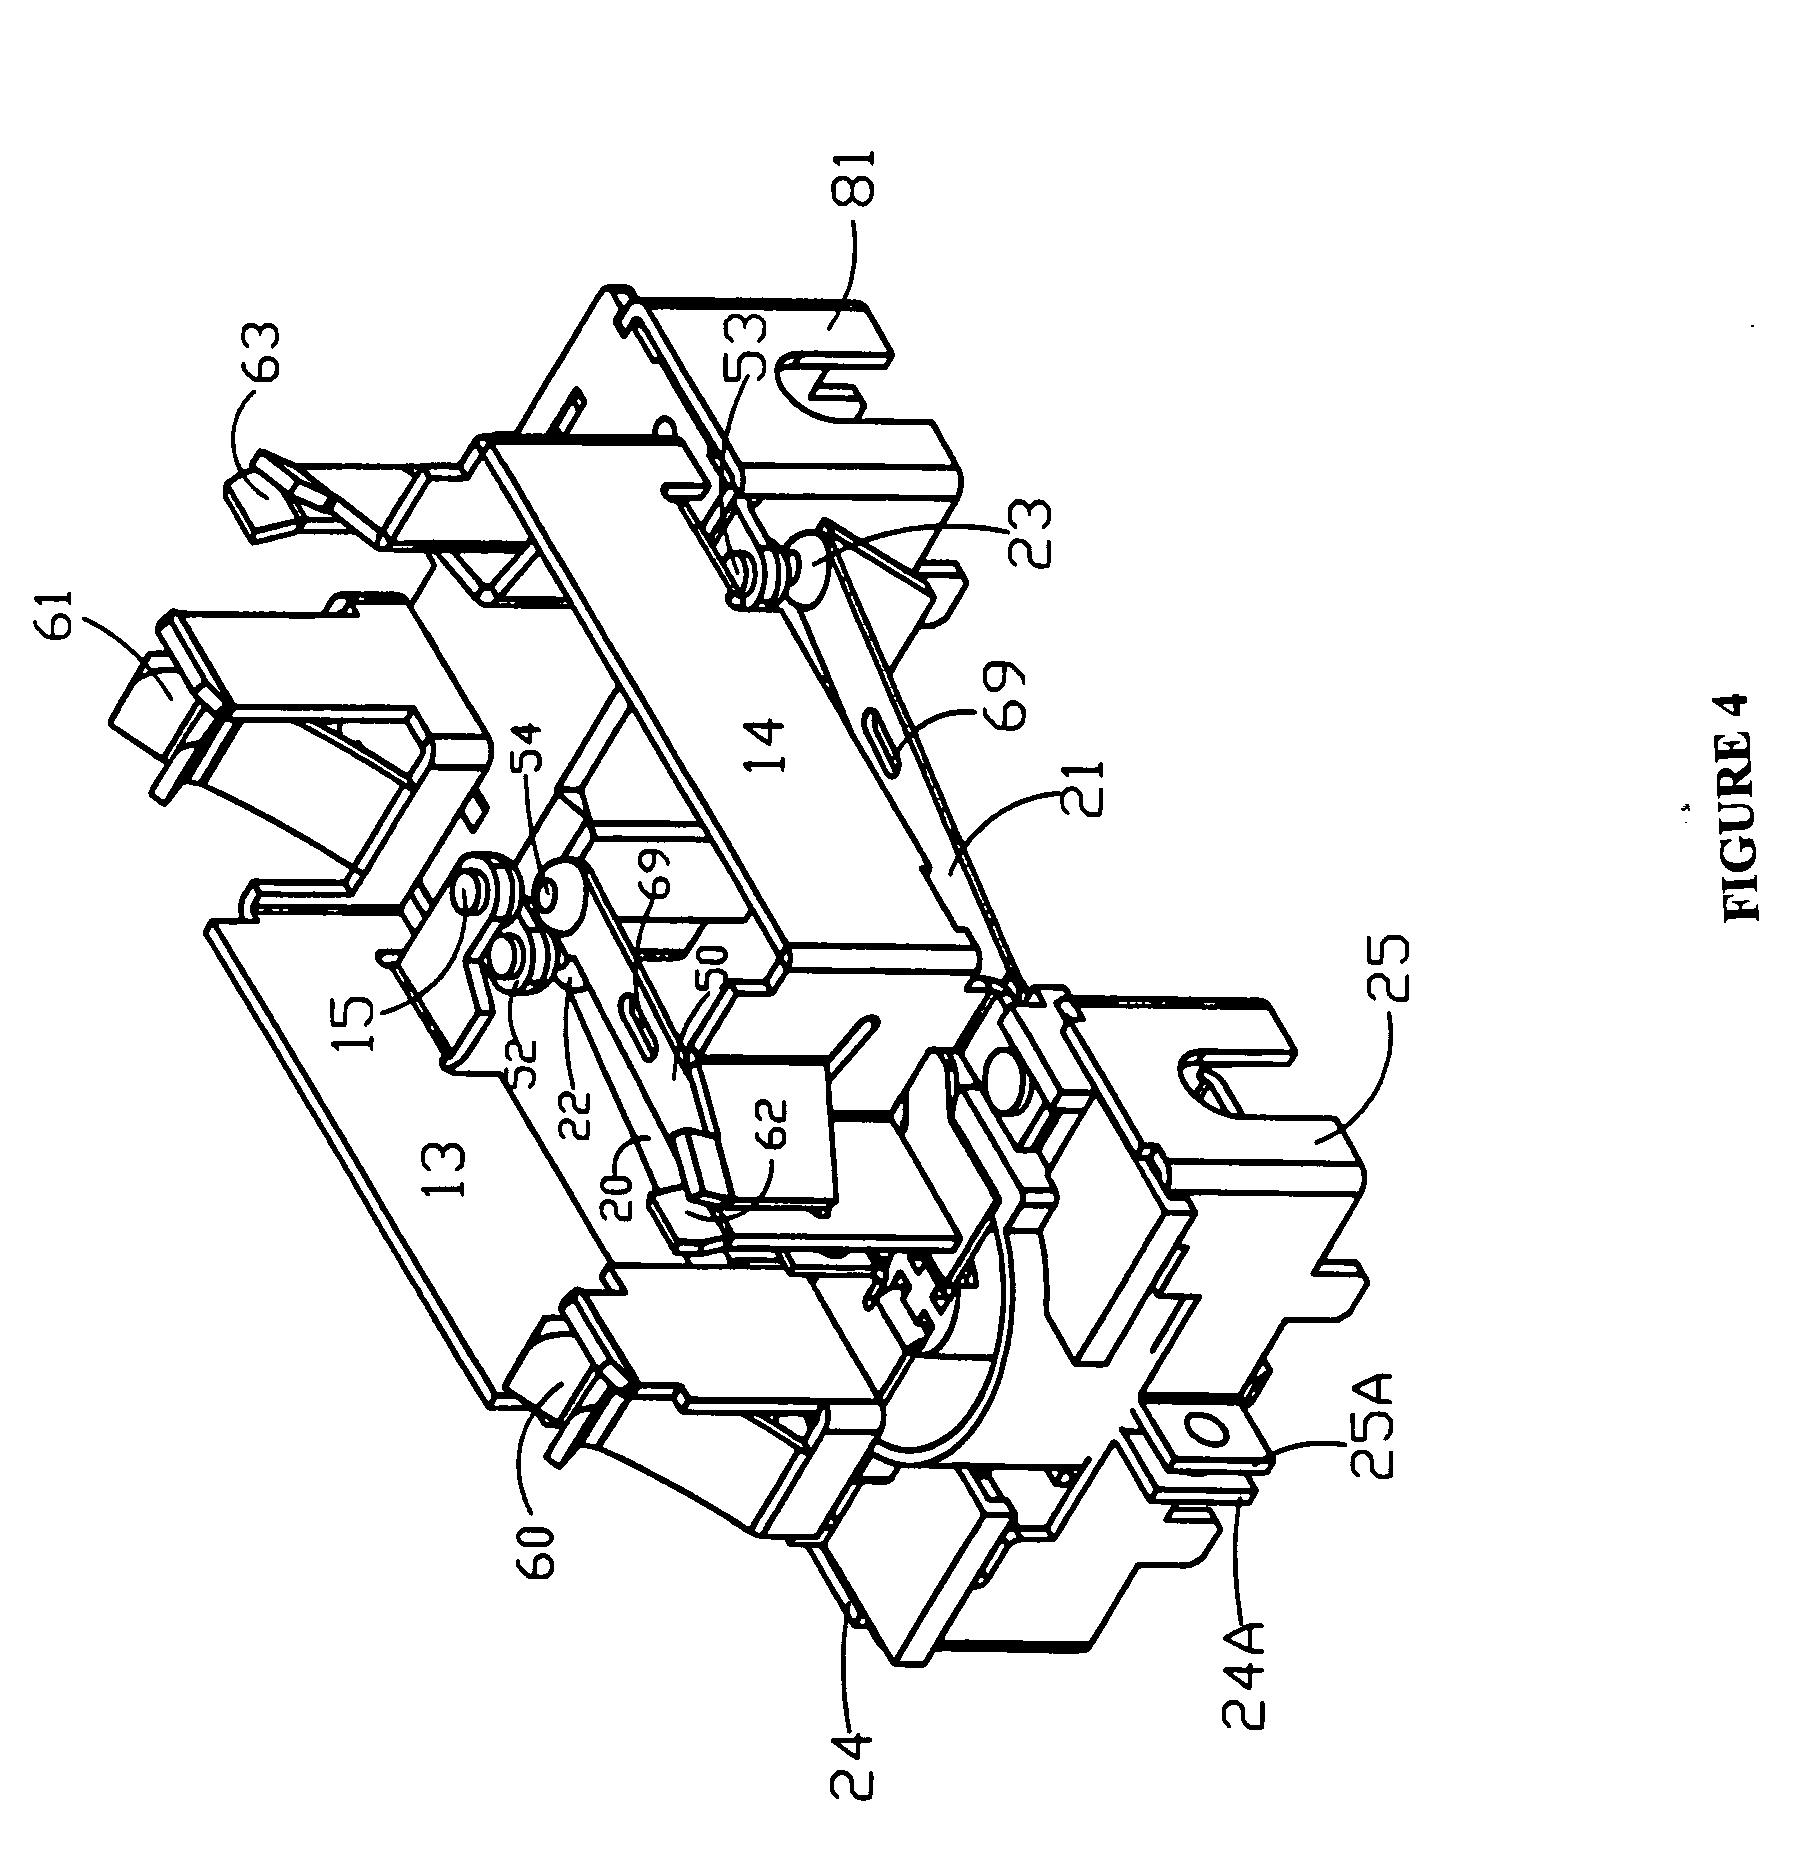 patent us20090086390